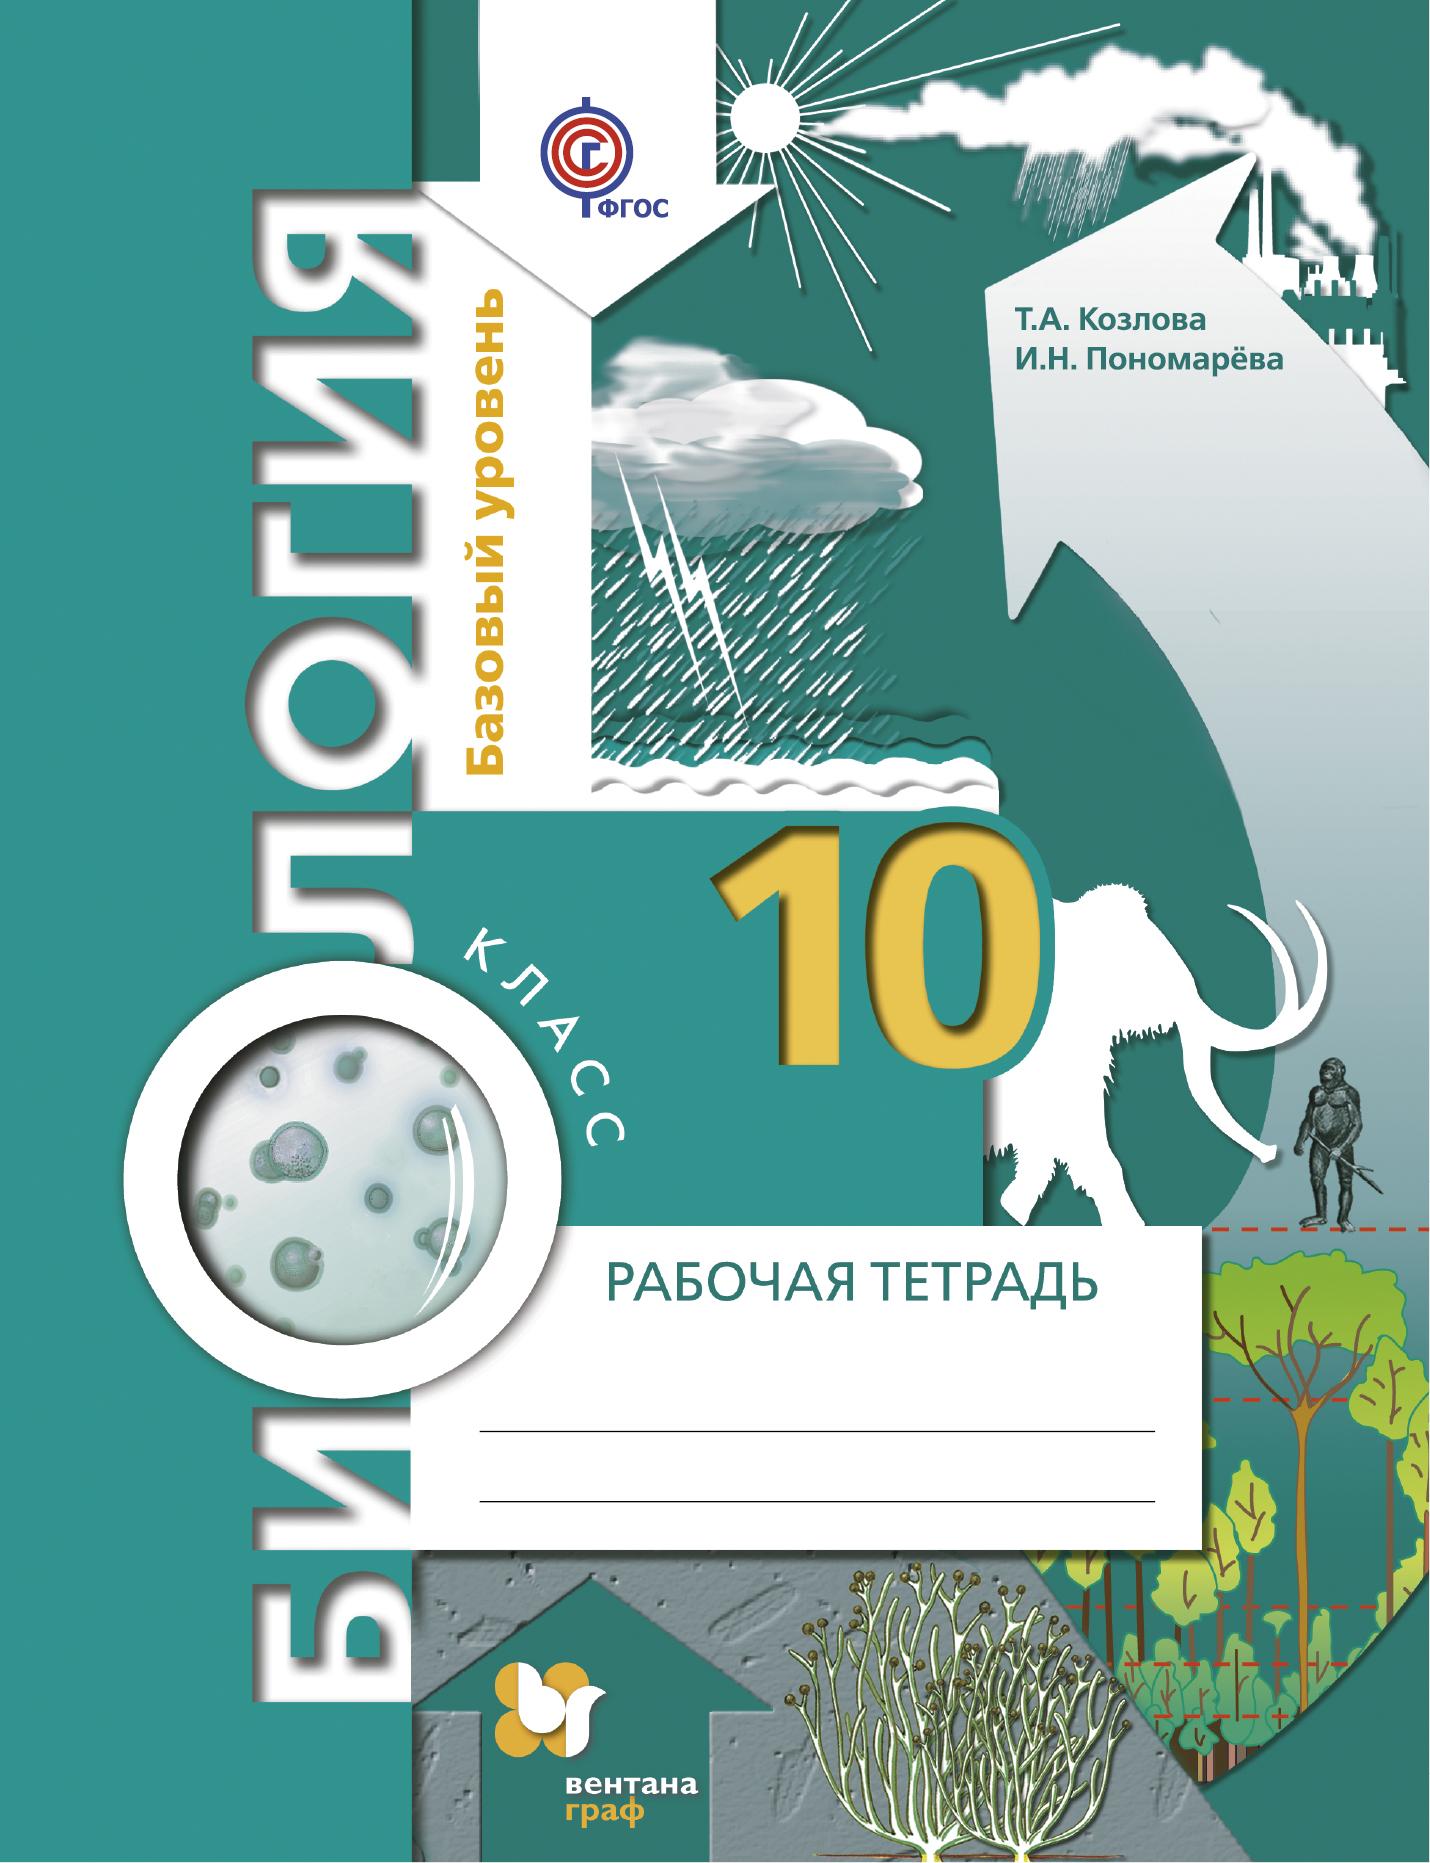 Т. А. Козлова, И. Н. Пономарева Биология. Базовый уровень. 10класс. Рабочая тетрадь